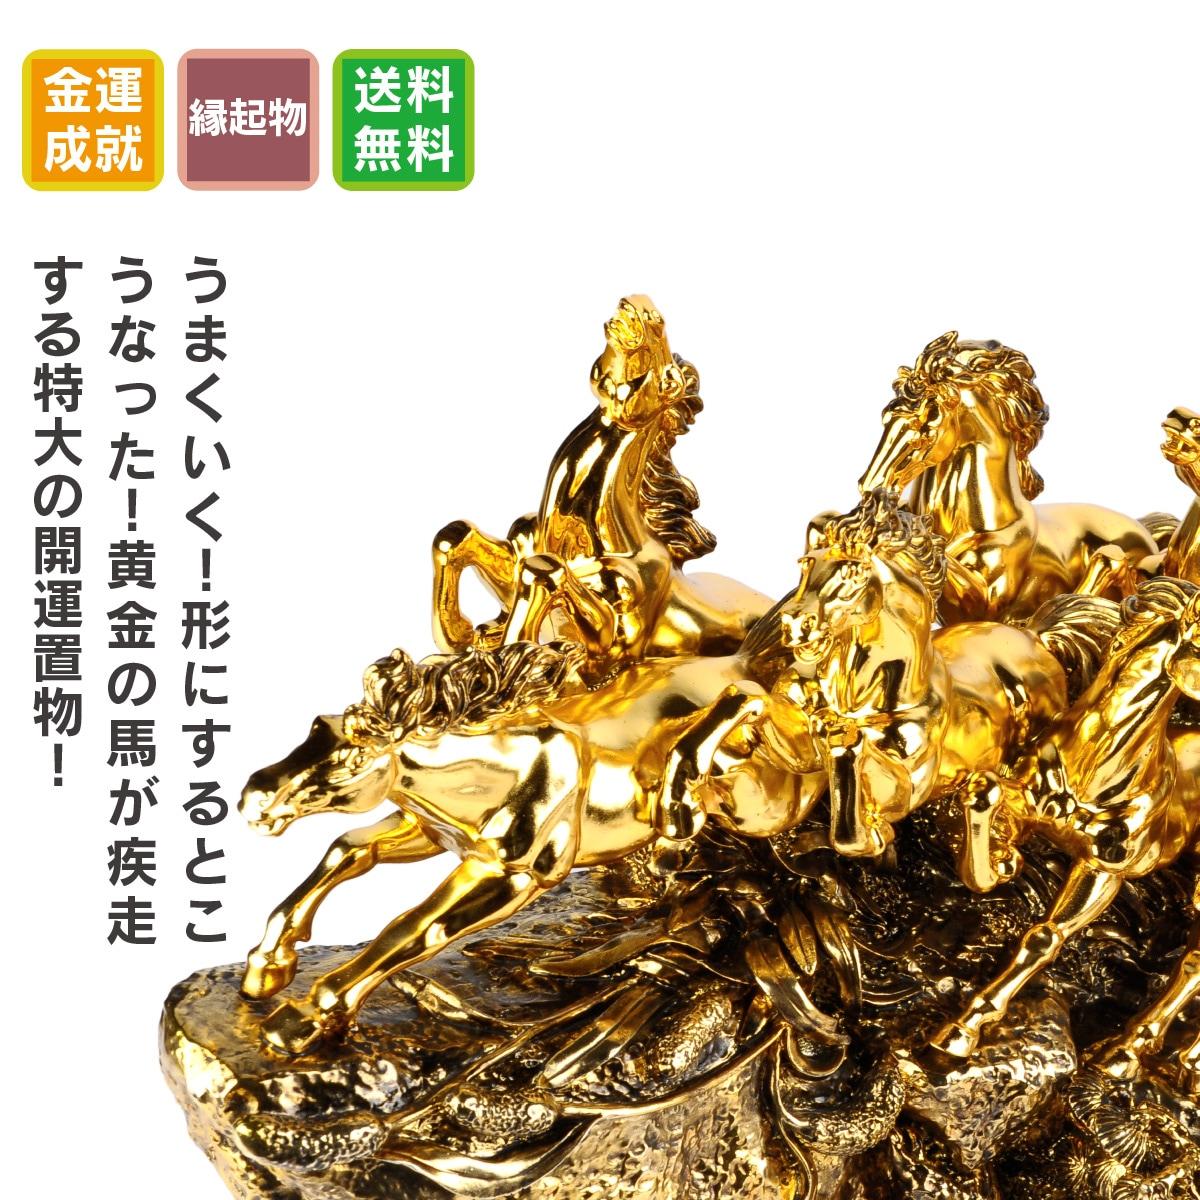 【うまくいく!】 九大昇運『黄金九頭馬』 ≫特大置物 開運グッズ